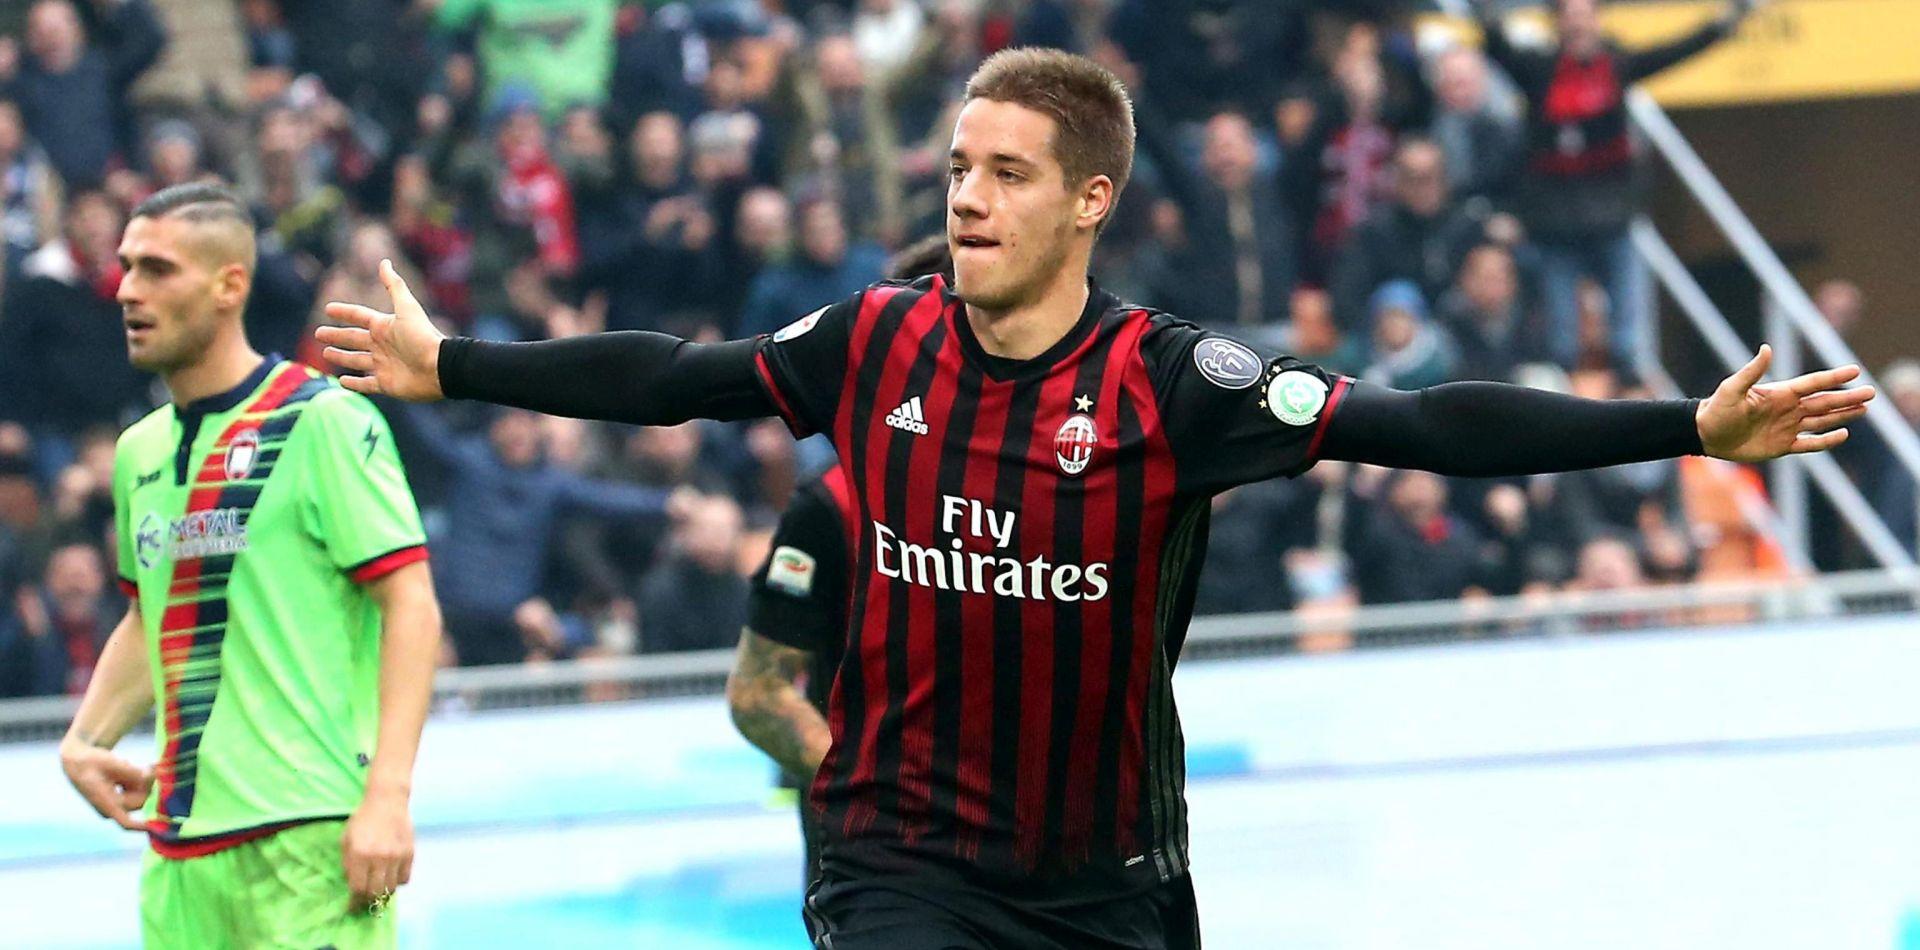 ITALIJA Pašalić donio pobjedu Milanu s dva igrača manje